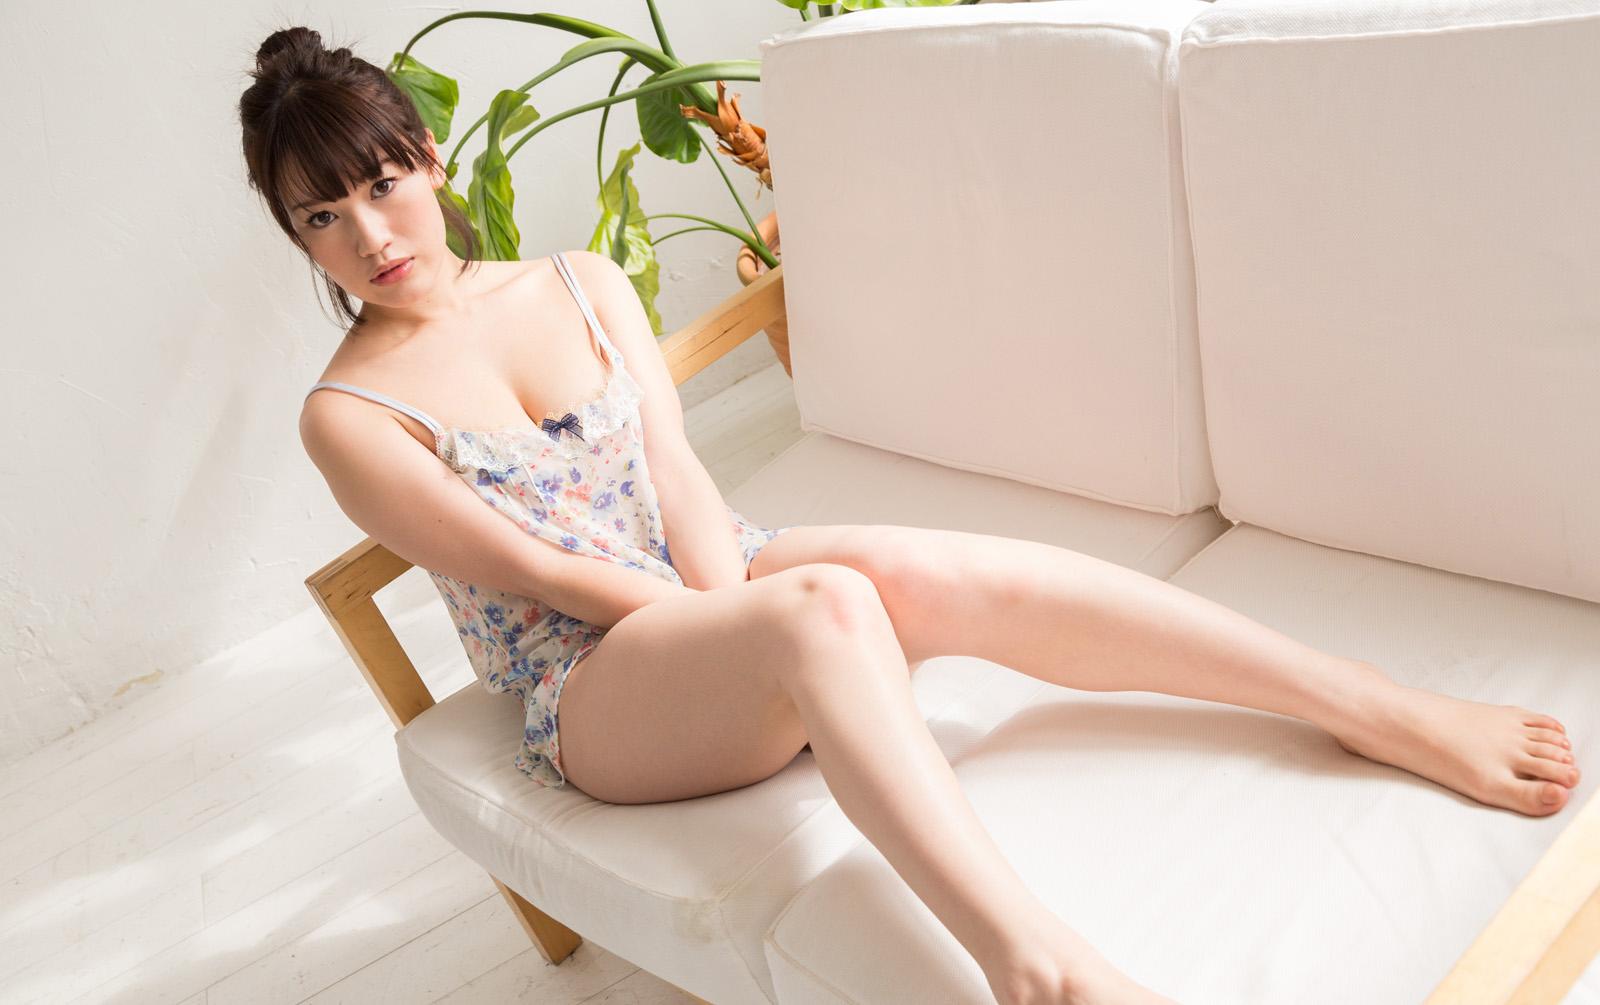 本田莉子 画像 25